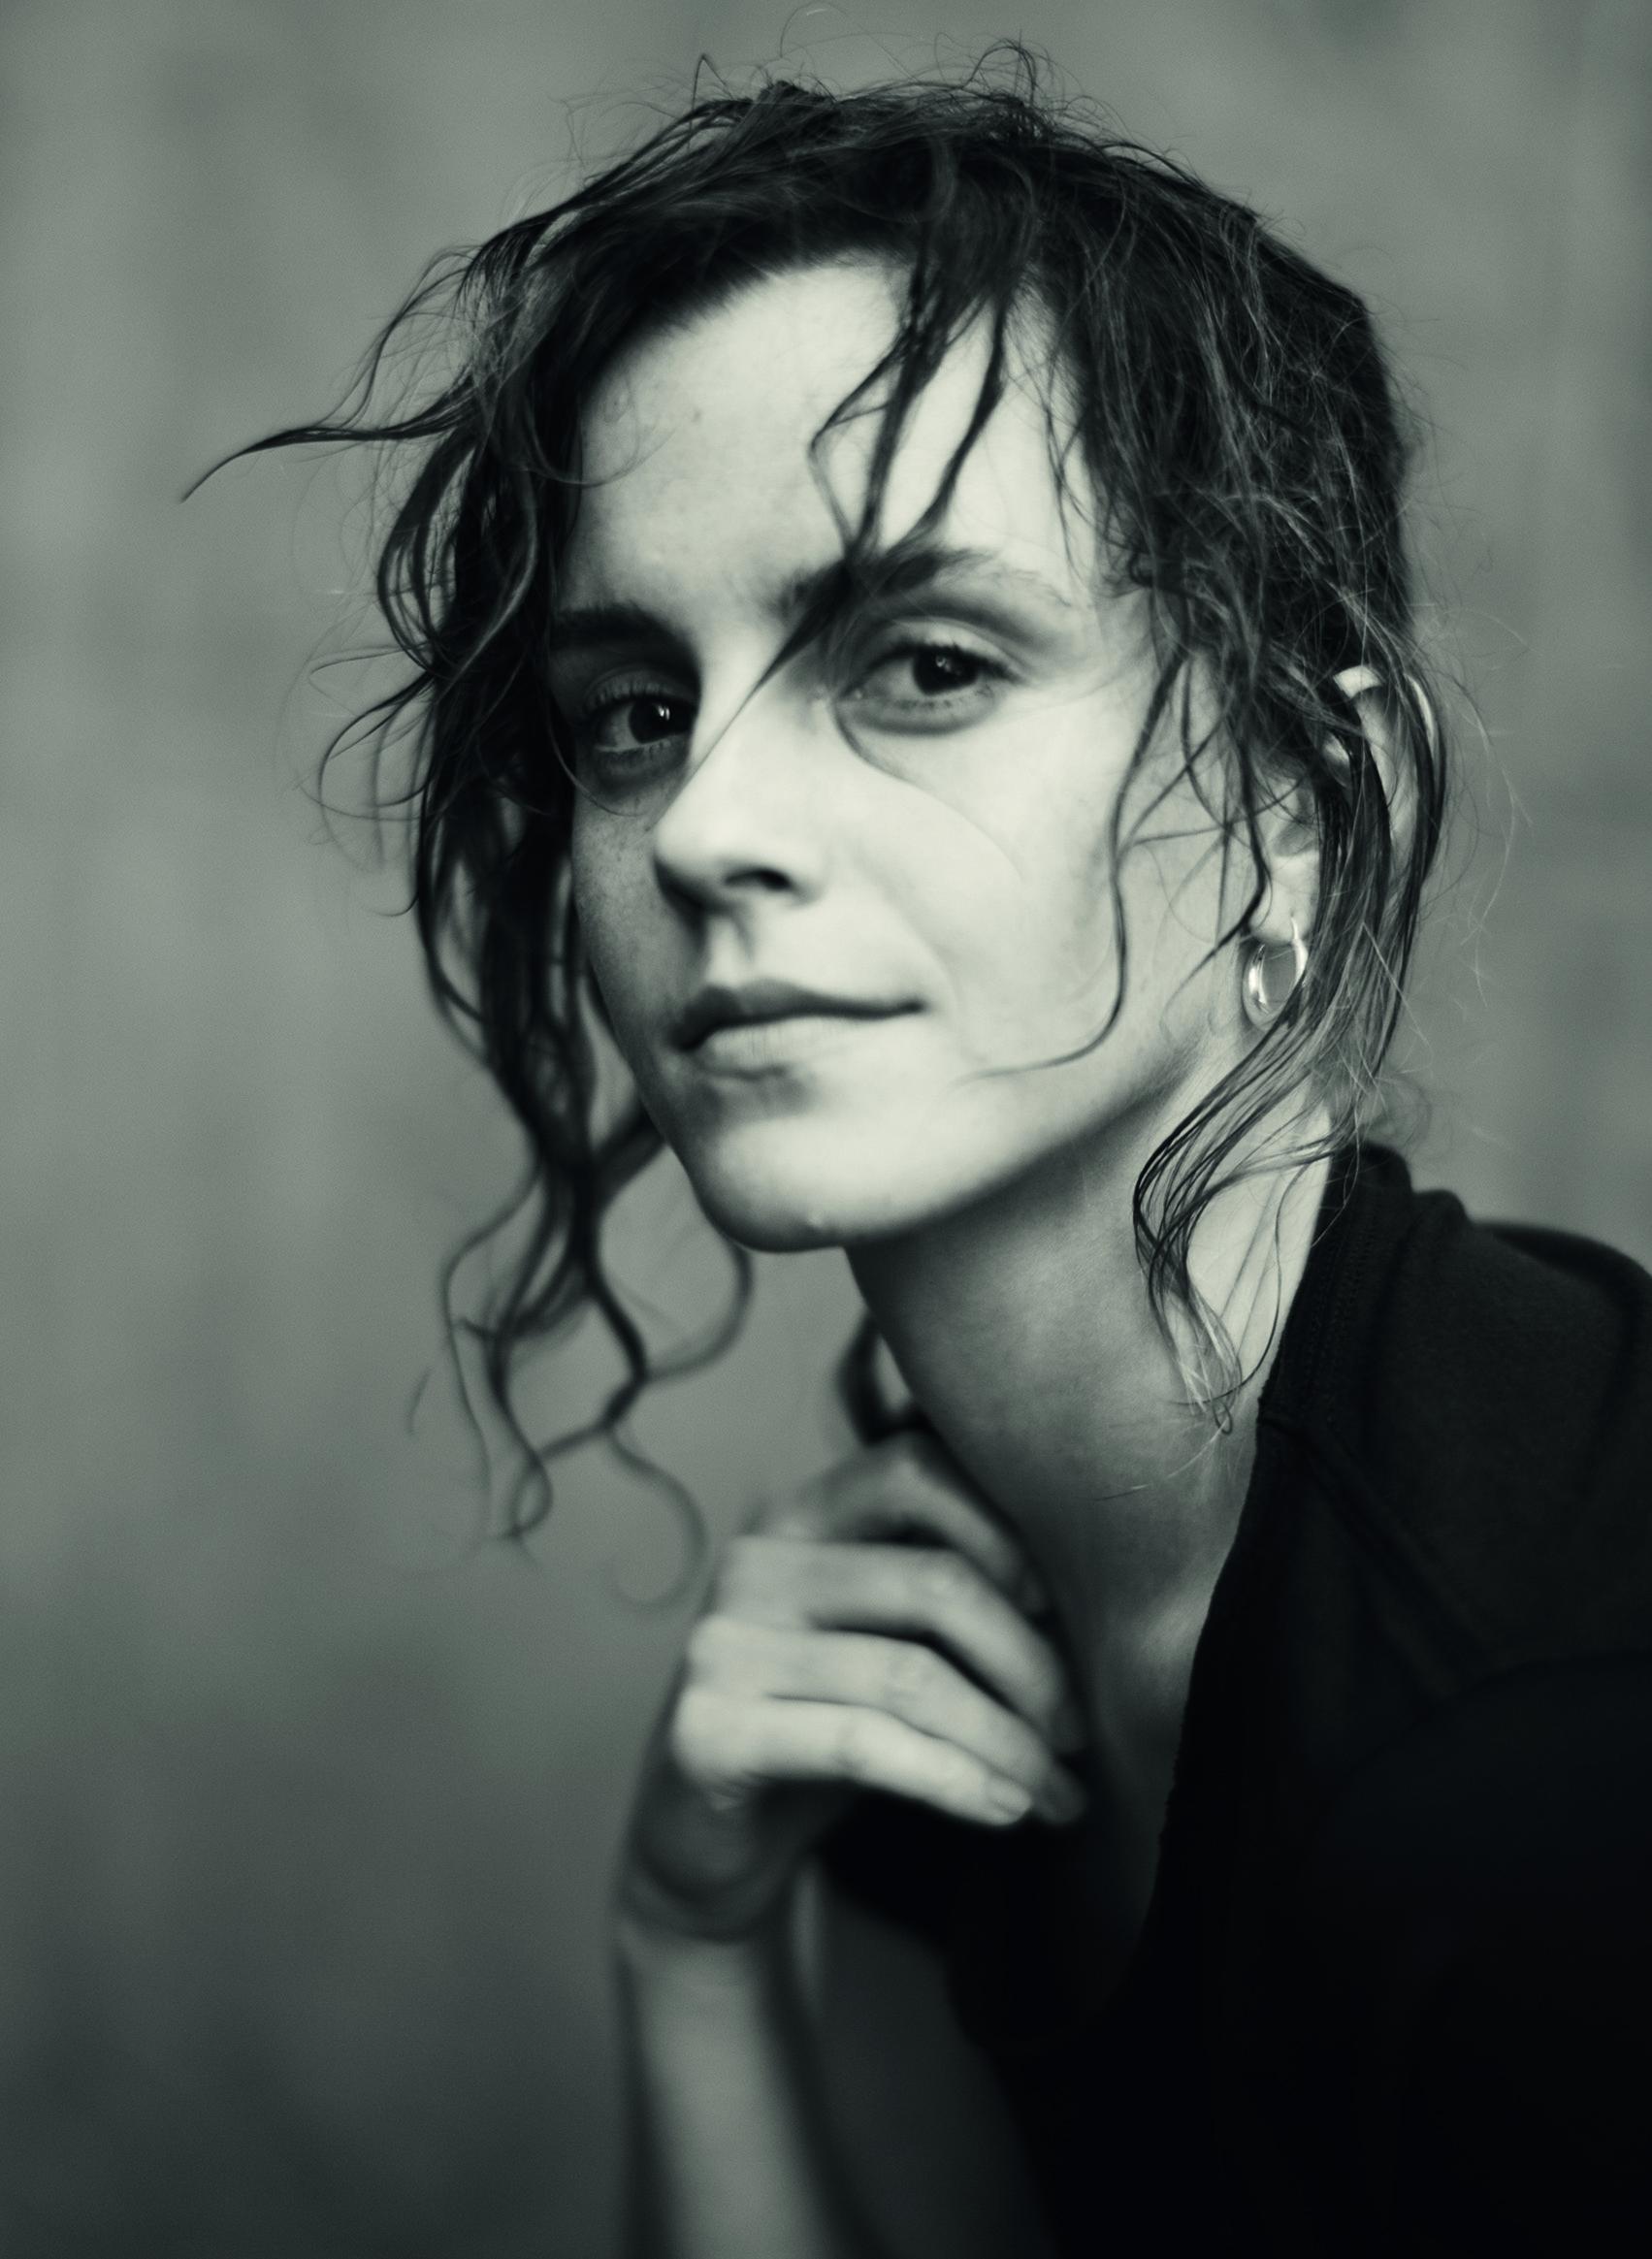 """Emma Watson, siempre presente en los Calendarios de la marca. """"Iba en busca de un alma pura, rebosante de inocencia, fuerza, belleza, ternura y coraje. La vislumbre en los ojos, los gestos y las palabras de Emma y Yara, de Indya y Mia. En las sonrisas y lágrimas de Kristen y Claire. En las voces y los cantos de Chris y Rosalía. Y en Stella, la inocencia. Porque hay una Julieta en cada mujer y nunca voy a dejar de buscarla"""", cuenta Roversi"""